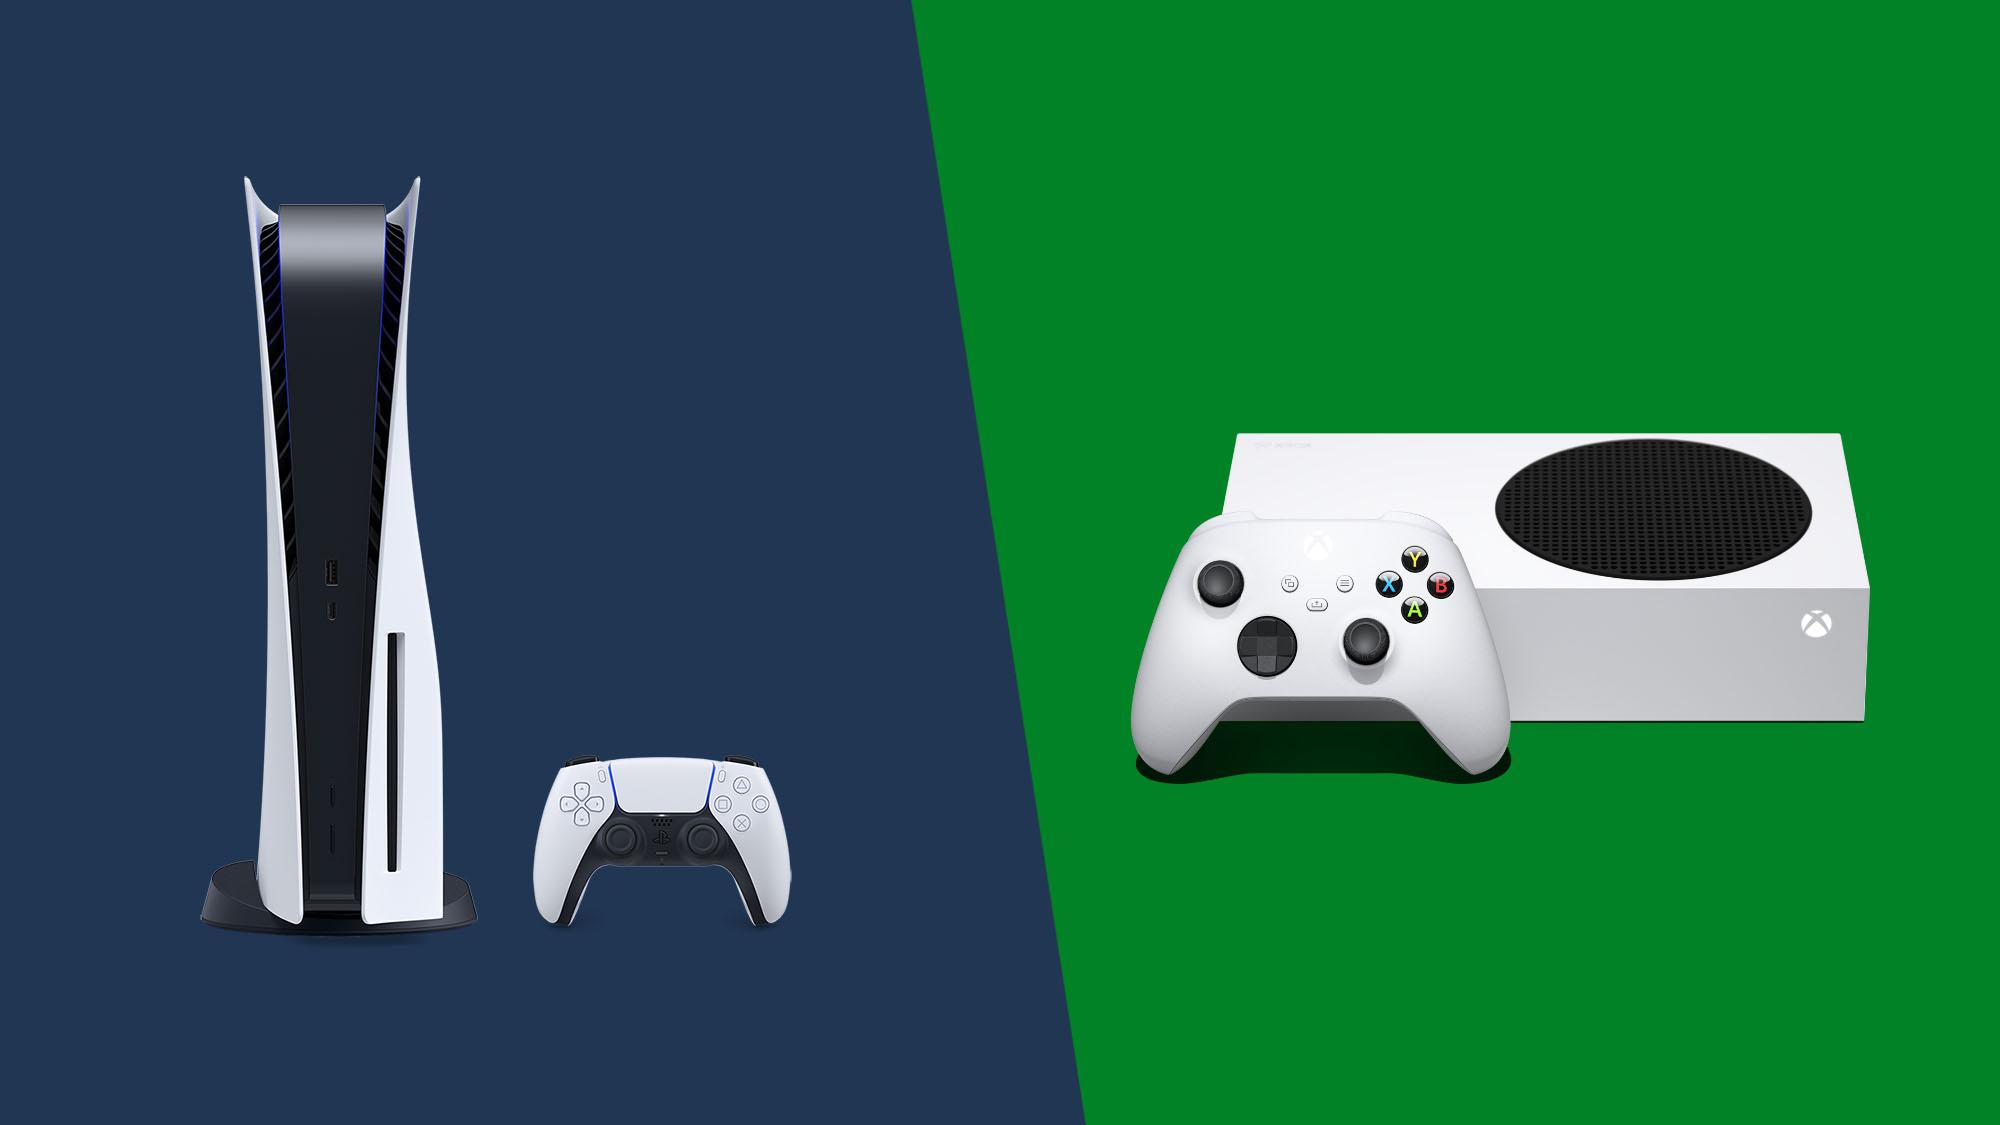 PS5 vs Xbox Series S